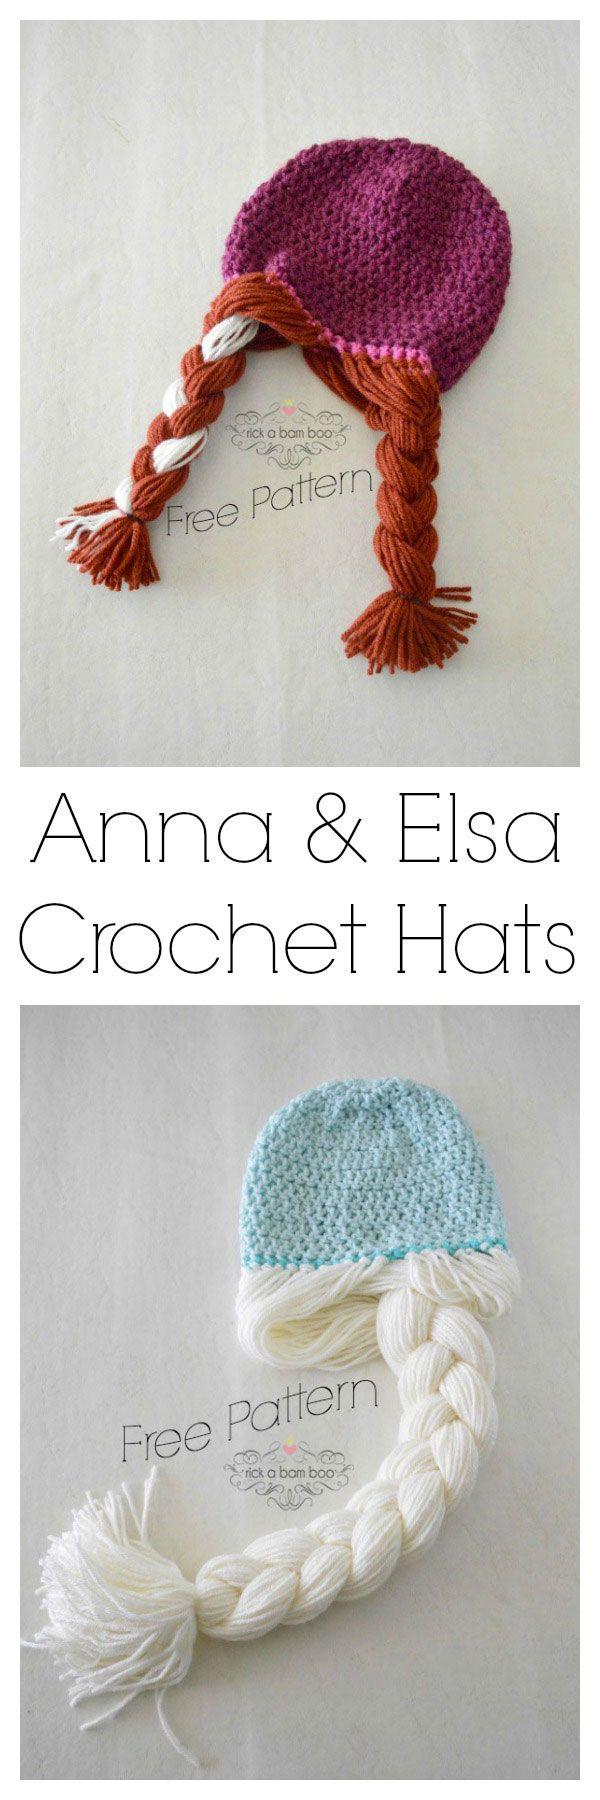 Free crochet hat patterns for Frozen